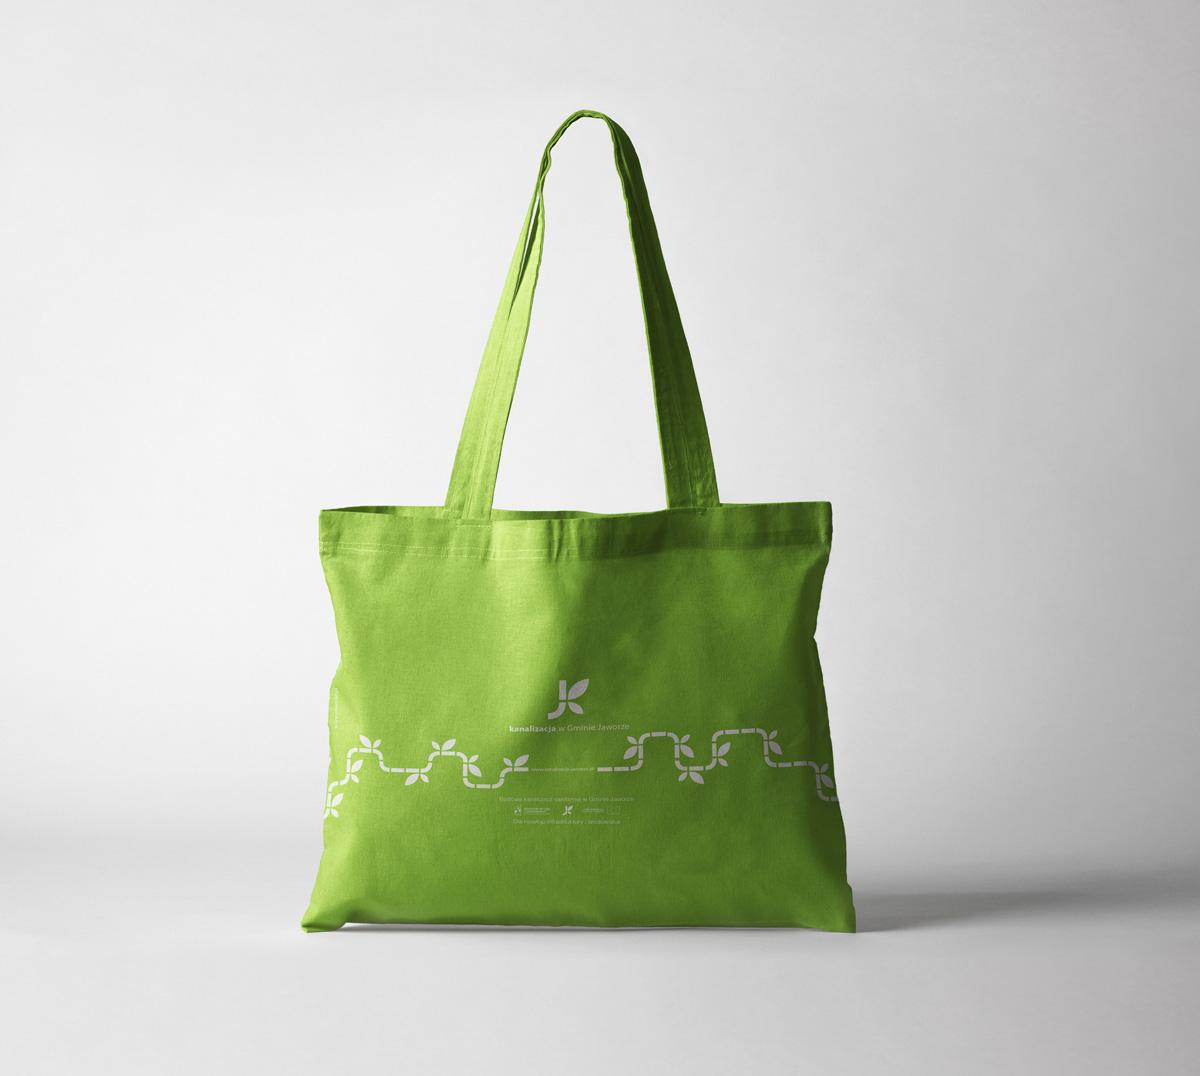 Użycie Key Visual w projekcie nadruku na torbę